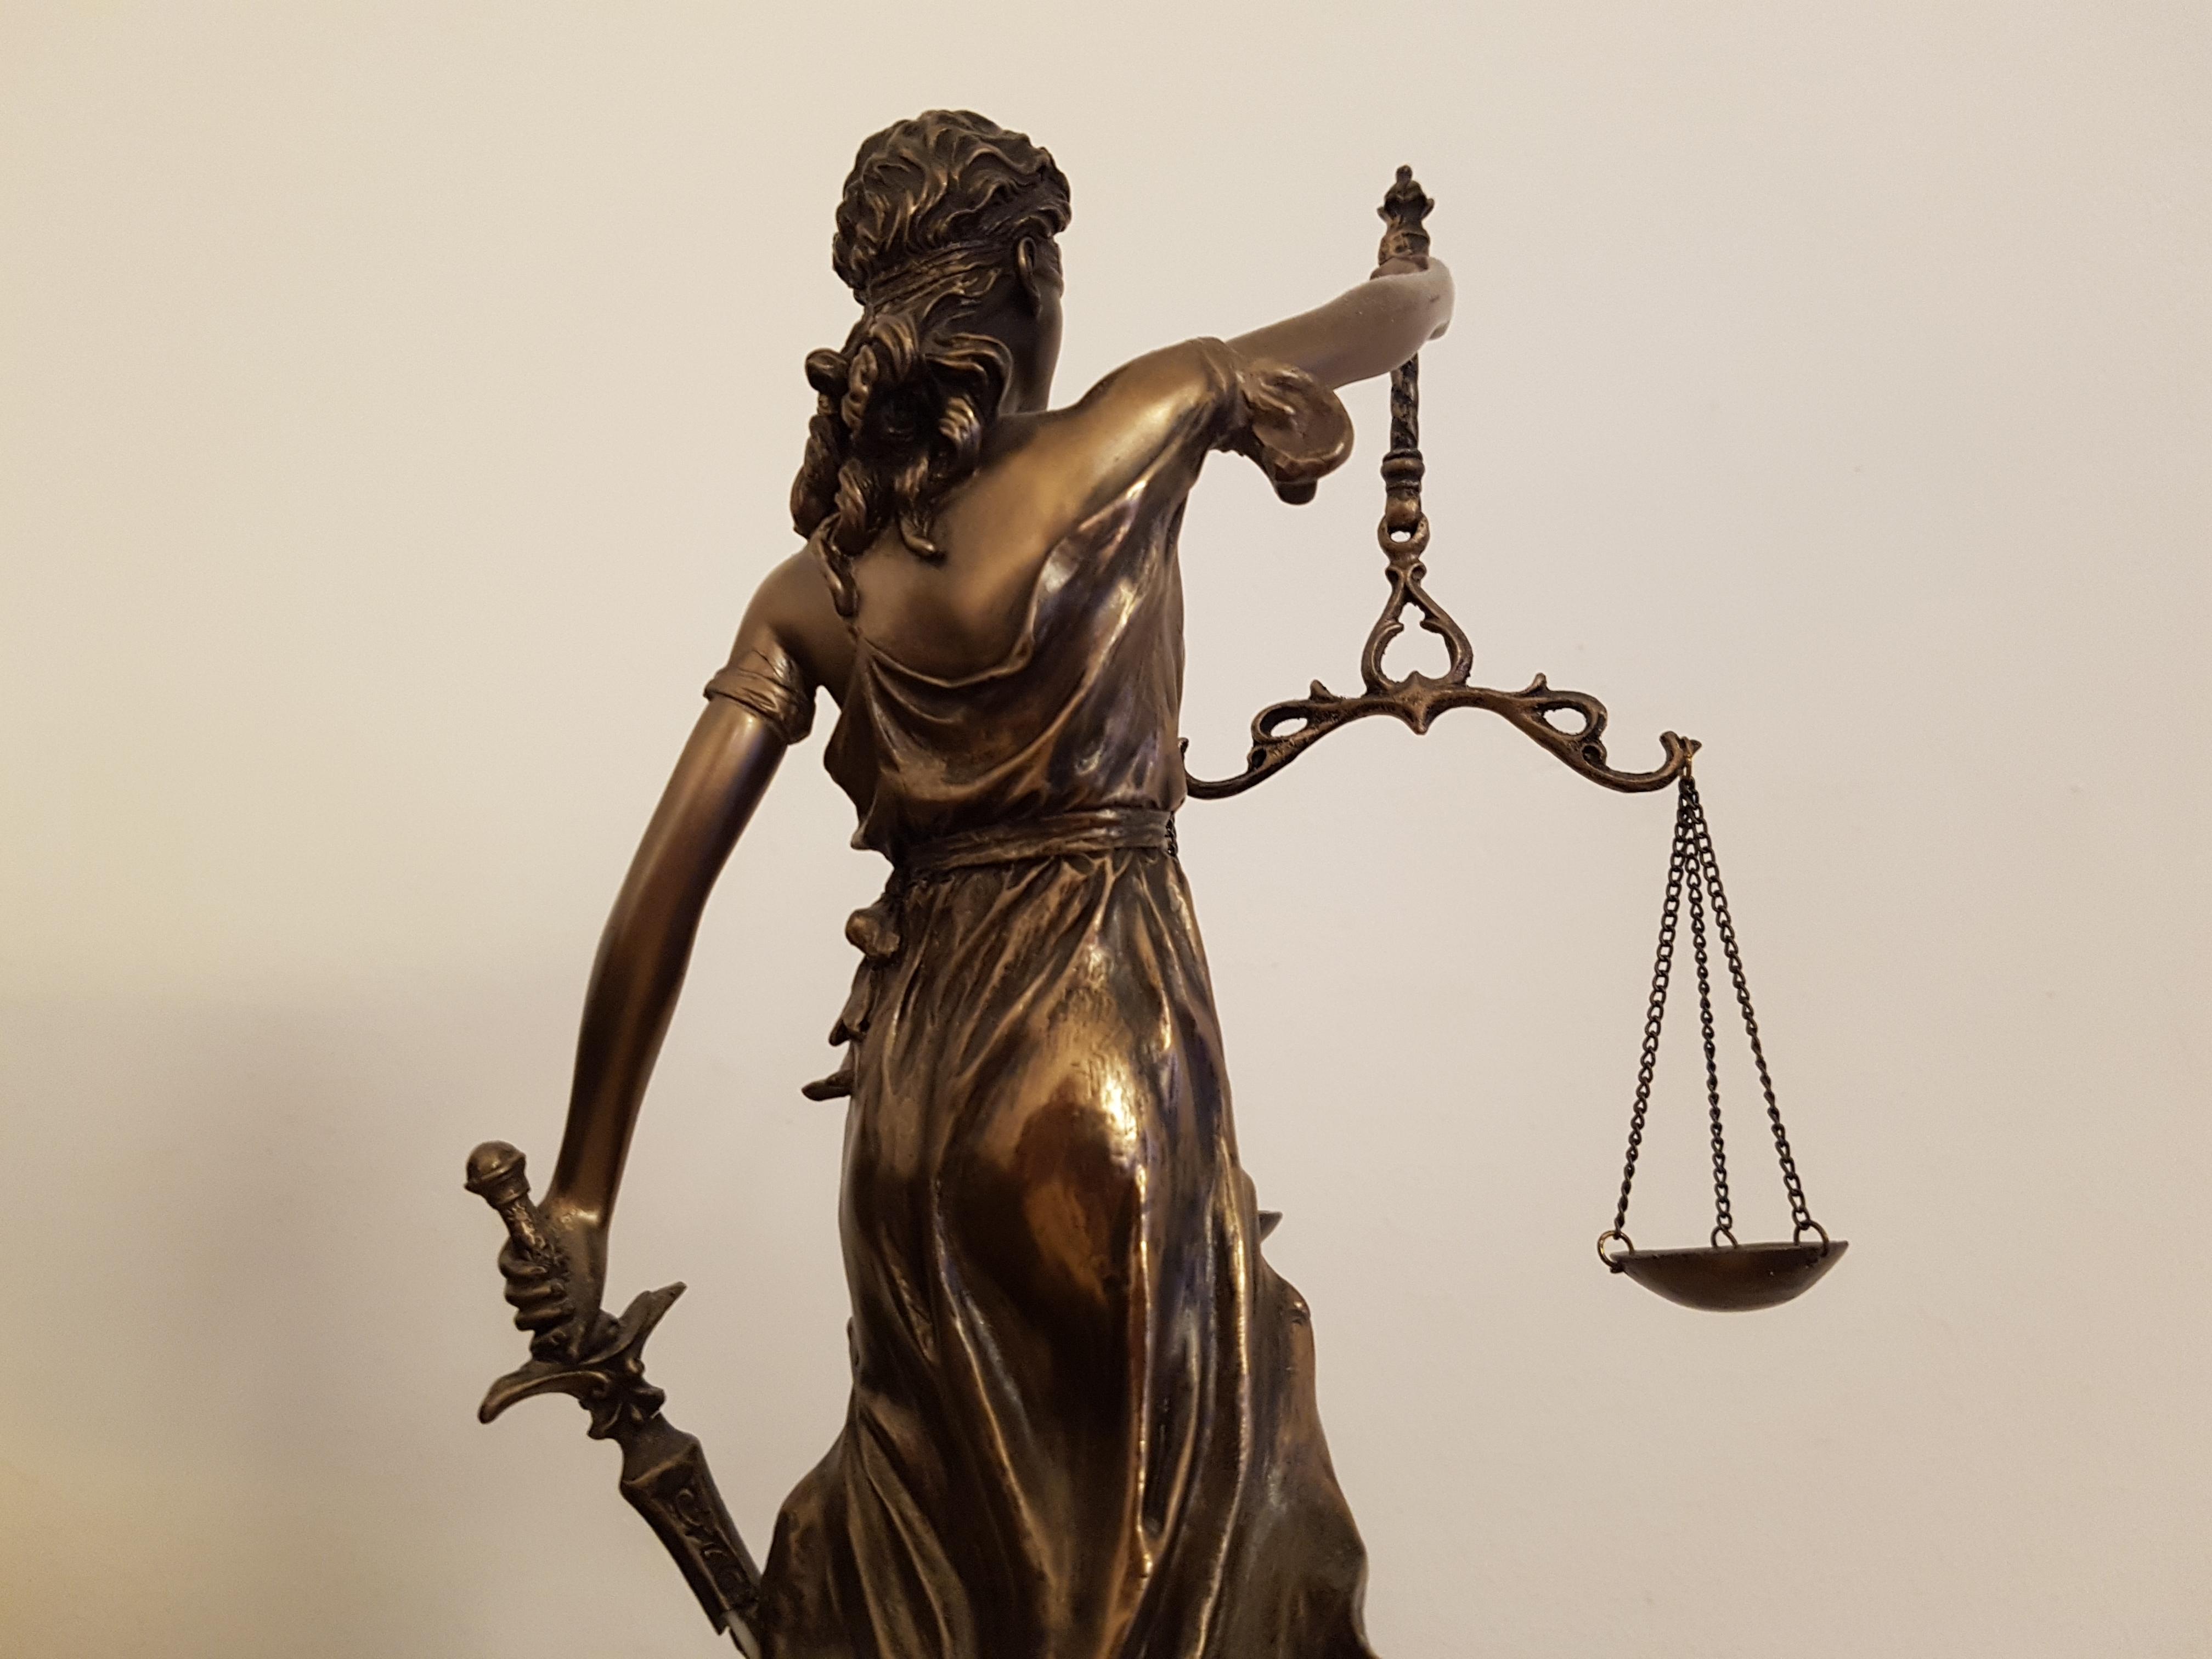 Das Foto zeigt eine von hinten fotografierte Justitia, die in der linken Hand ein Schwert und in der rechten Hand eine Waage hält.